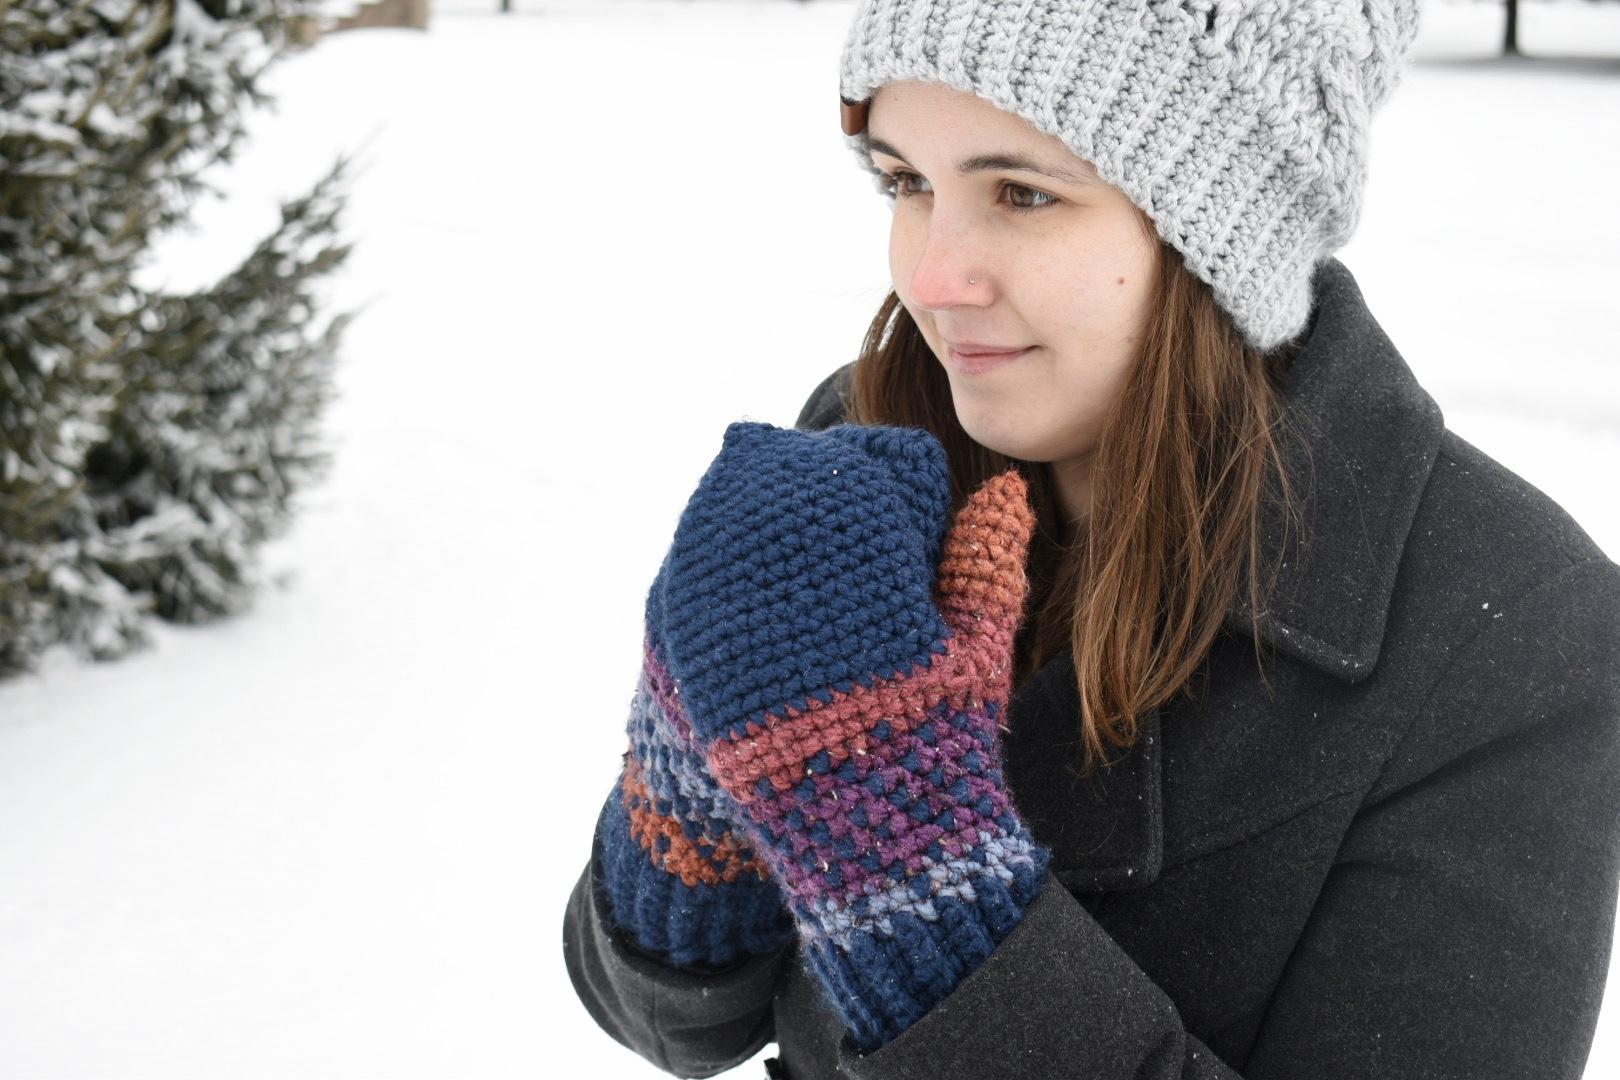 Crossway Mittens- Free Crochet Pattern